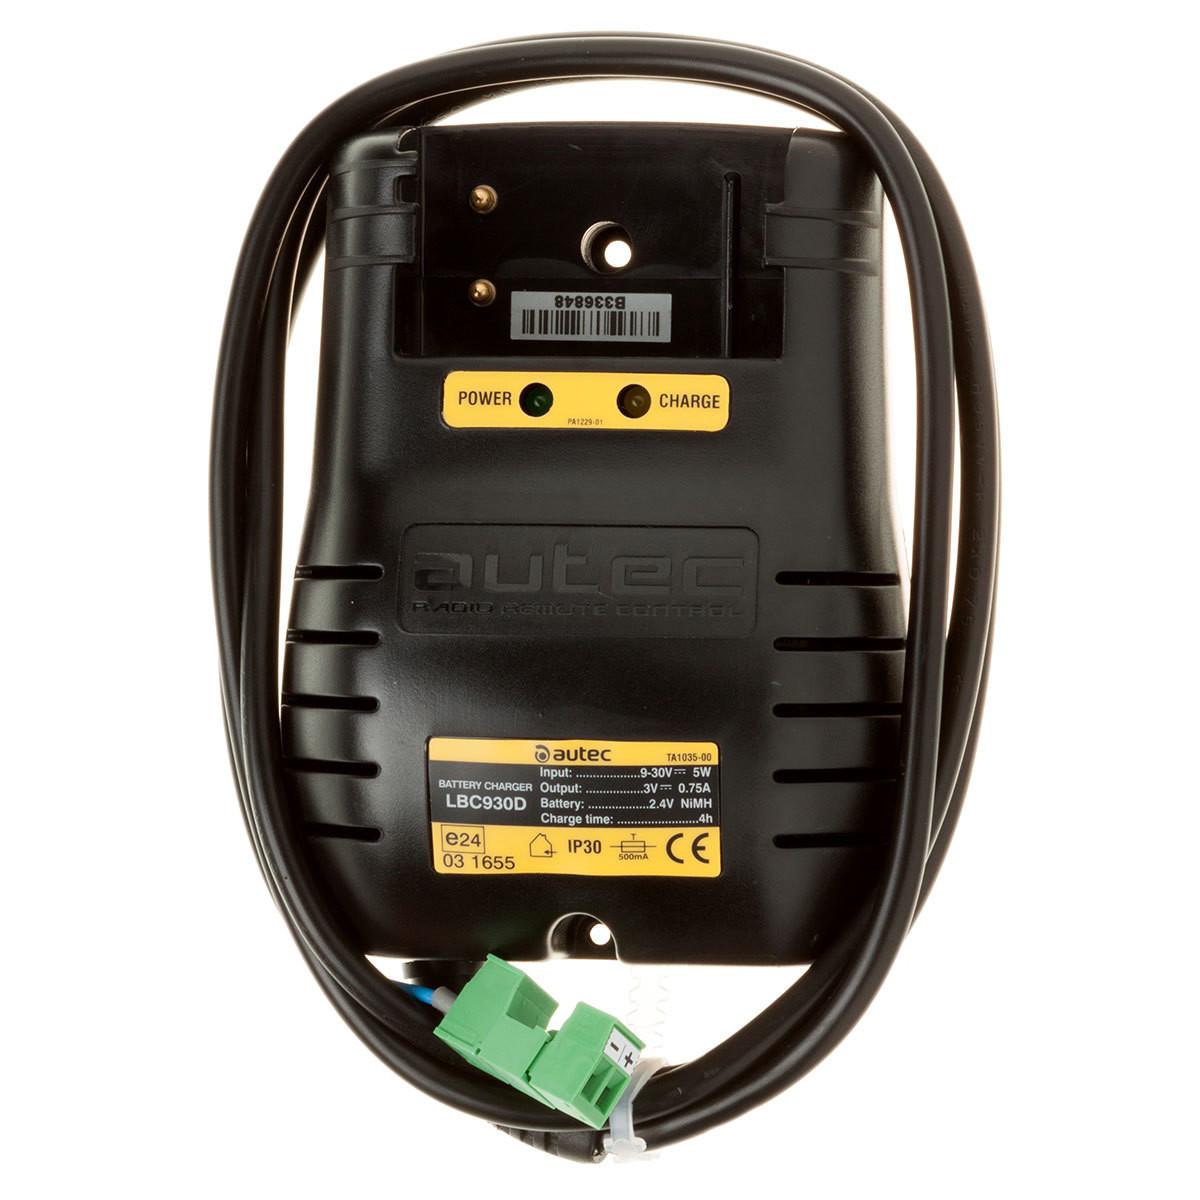 LBC930D